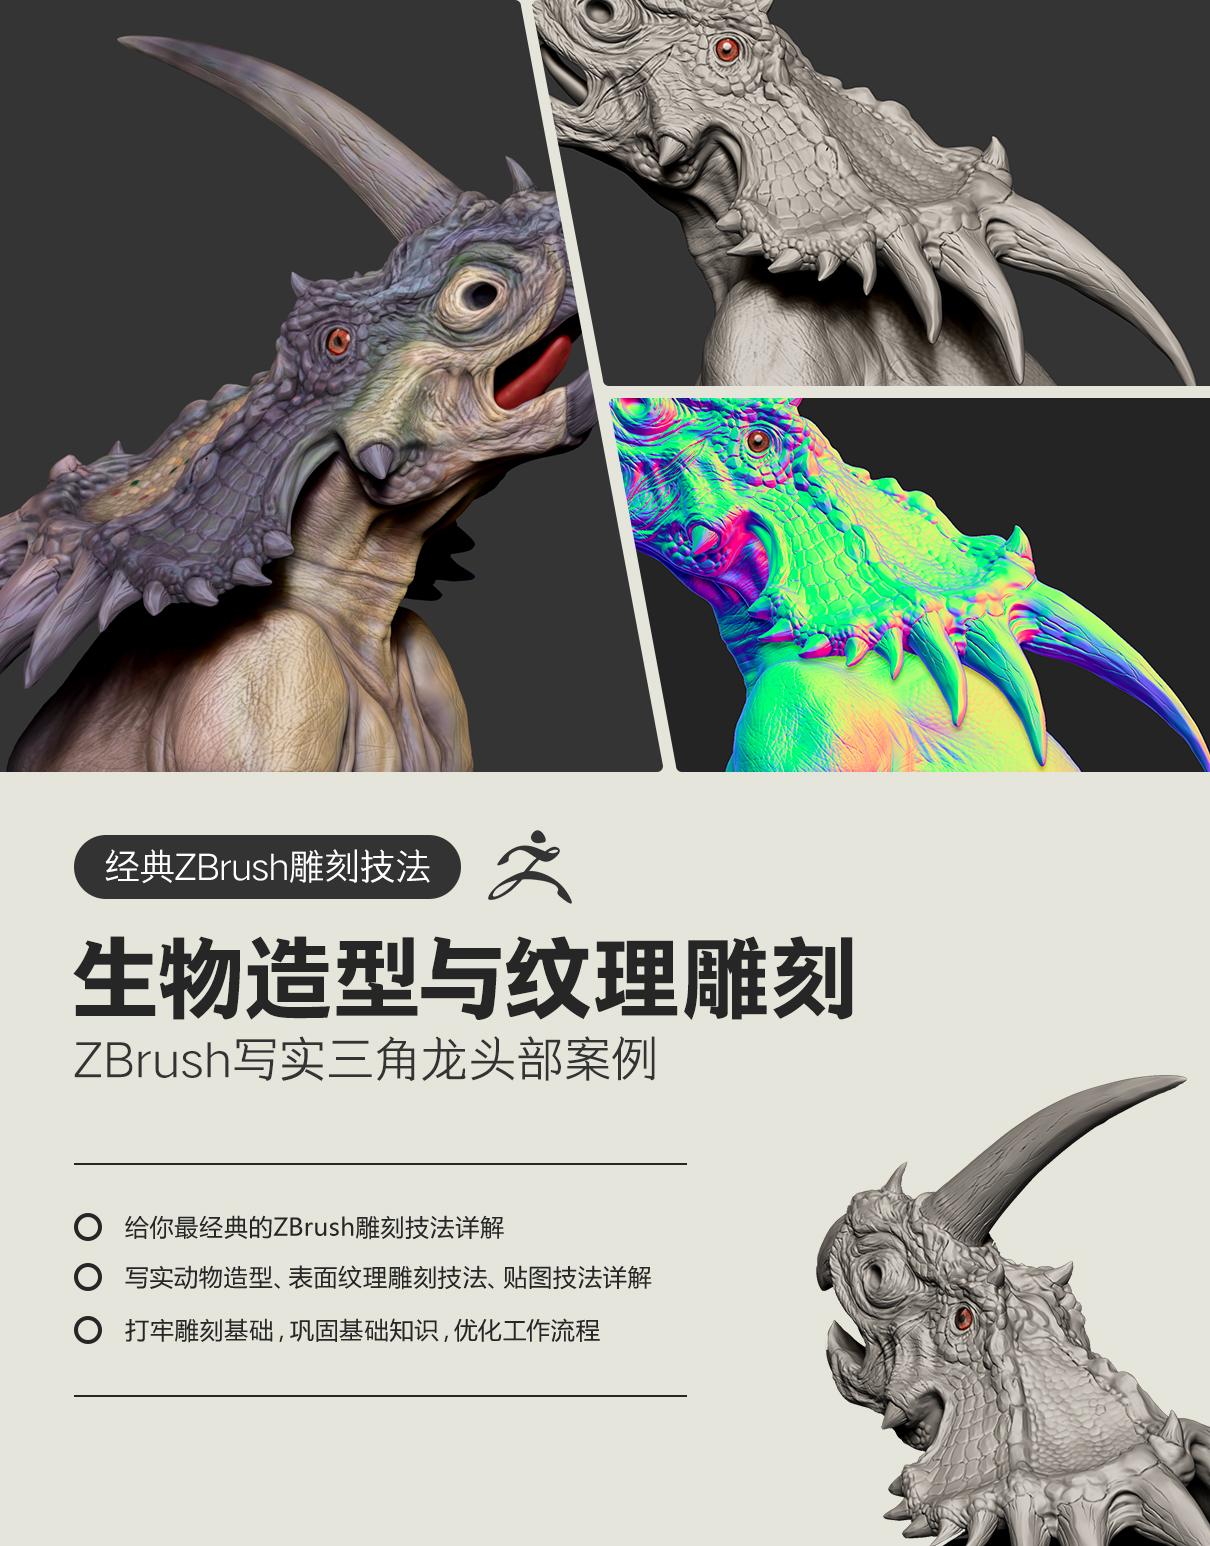 ZBrush三角龙-主图.jpg